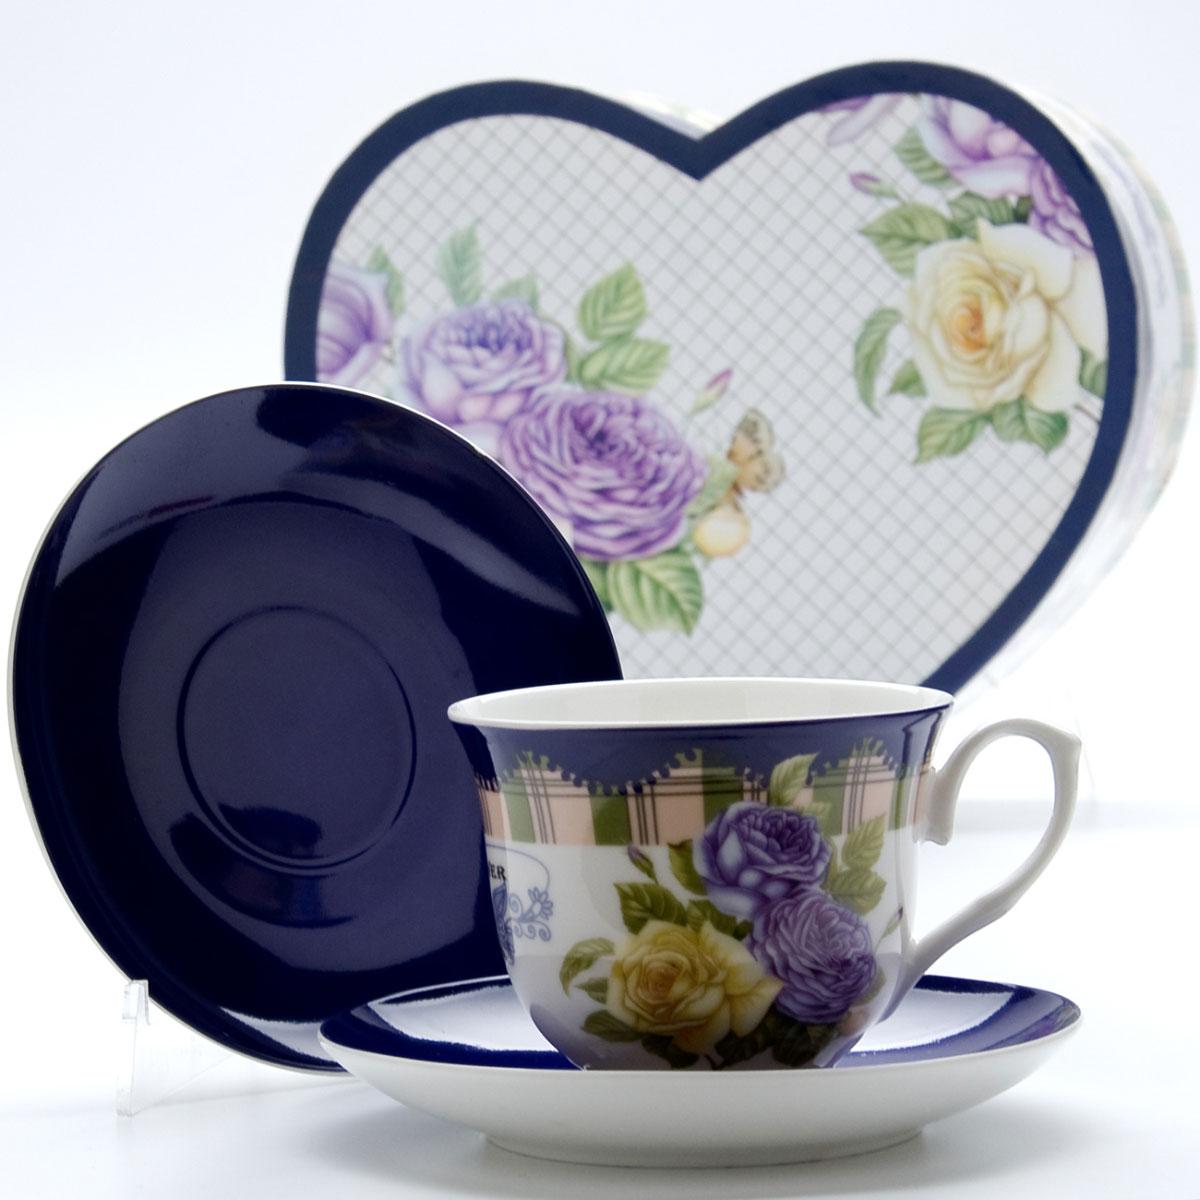 Чайная пара Mayer & Boch Розы, 4 предмета22990Этот чайный набор, выполненный из высококачественного костяного фарфора, состоит из двух чашек и двух блюдец. Предметы набора оформлены ярким изображением цветов. Изящный дизайн и красочность оформления придутся по вкусу и ценителям классики, и тем, кто предпочитает утонченность и изысканность. Чайный набор - идеальный и необходимый подарок для вашего дома и для ваших друзей в праздники, юбилеи и торжества! Он также станет отличным корпоративным подарком и украшением любой кухни. Чайный набор упакован в подарочную коробку в форме сердца из плотного цветного картона. Внутренняя часть коробки задрапирована белым атласом.